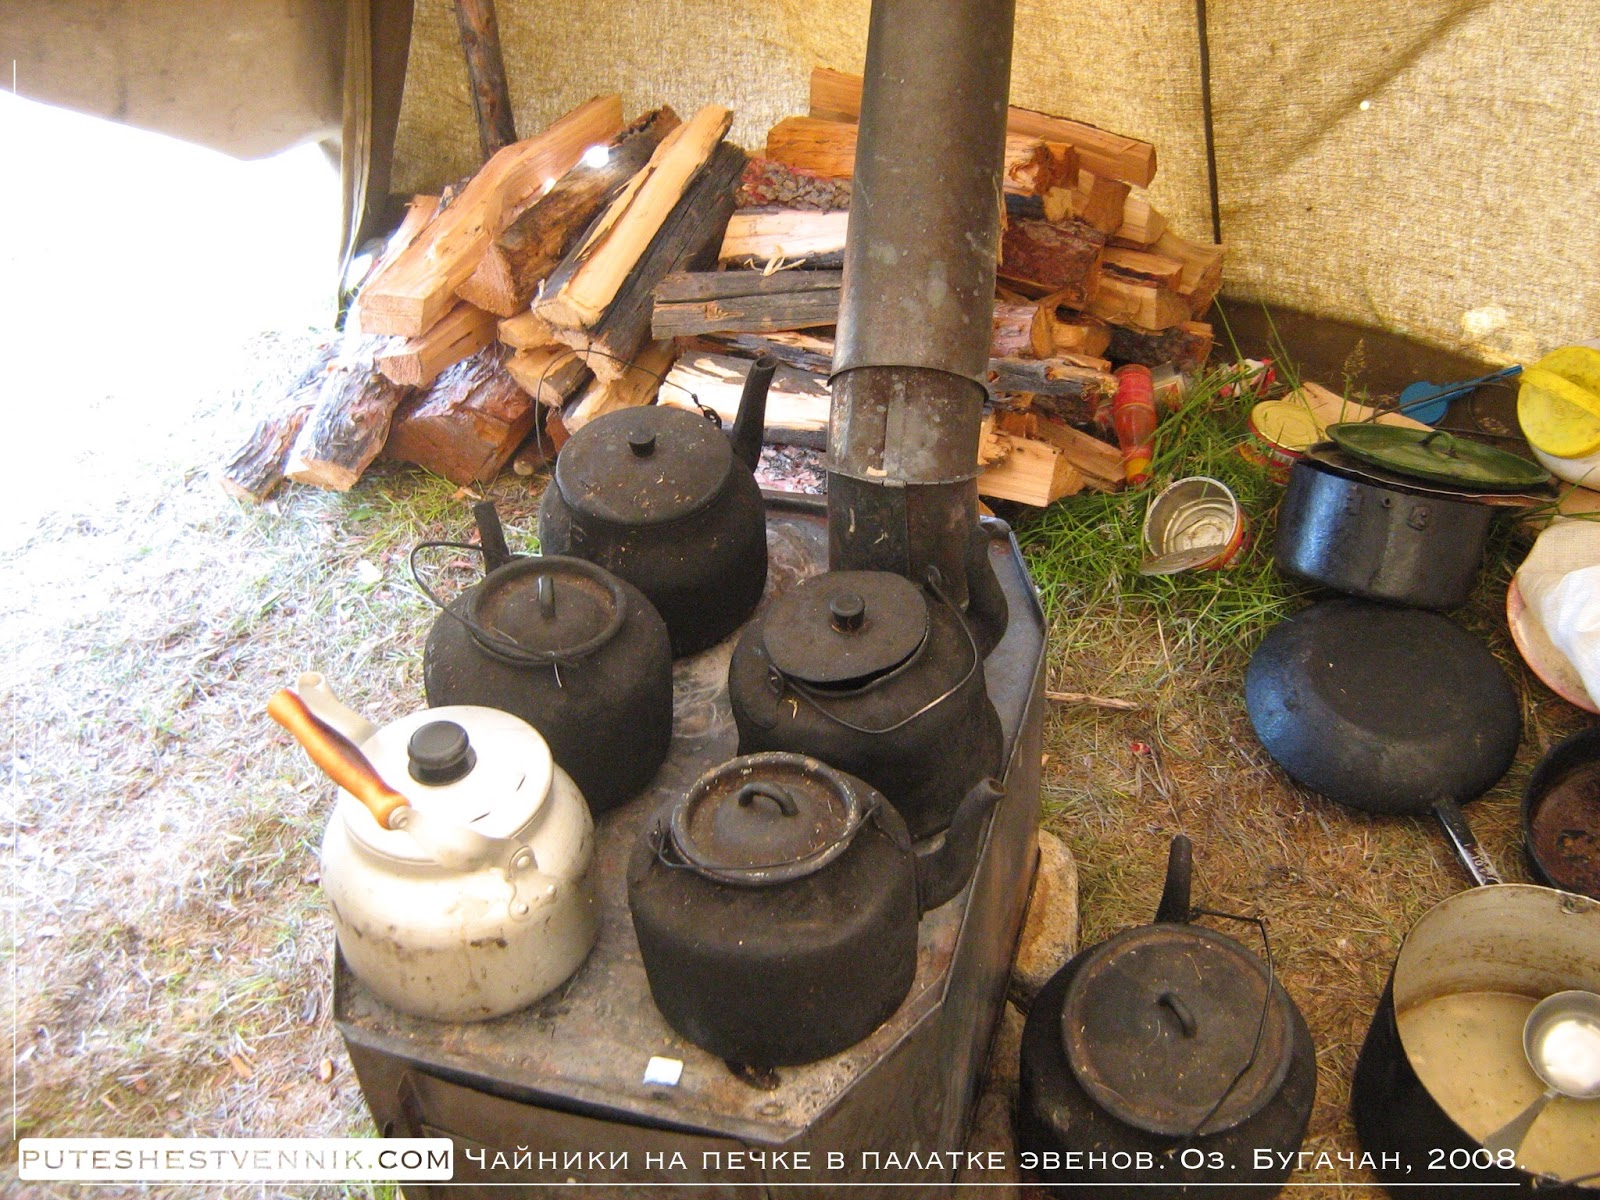 Чайники на печи в палатке эвенов